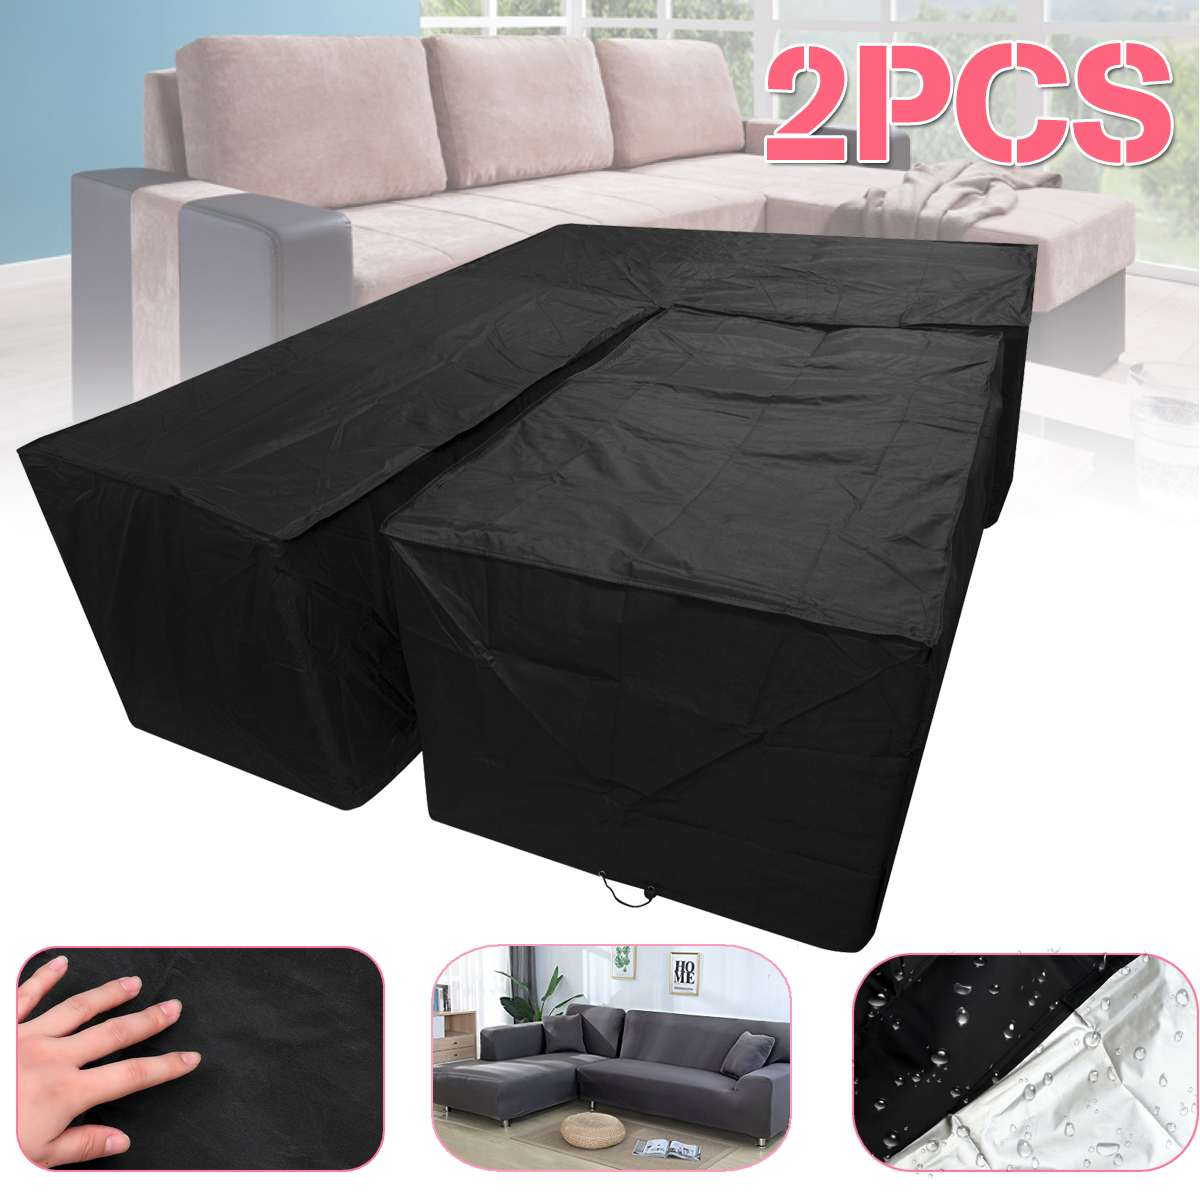 Cubierta protectora Rectangular de 2 unidades por juego, cubierta de sofá para muebles de jardín al aire libre, tela a prueba de polvo en forma de L, cubierta de esquina impermeable para todo uso